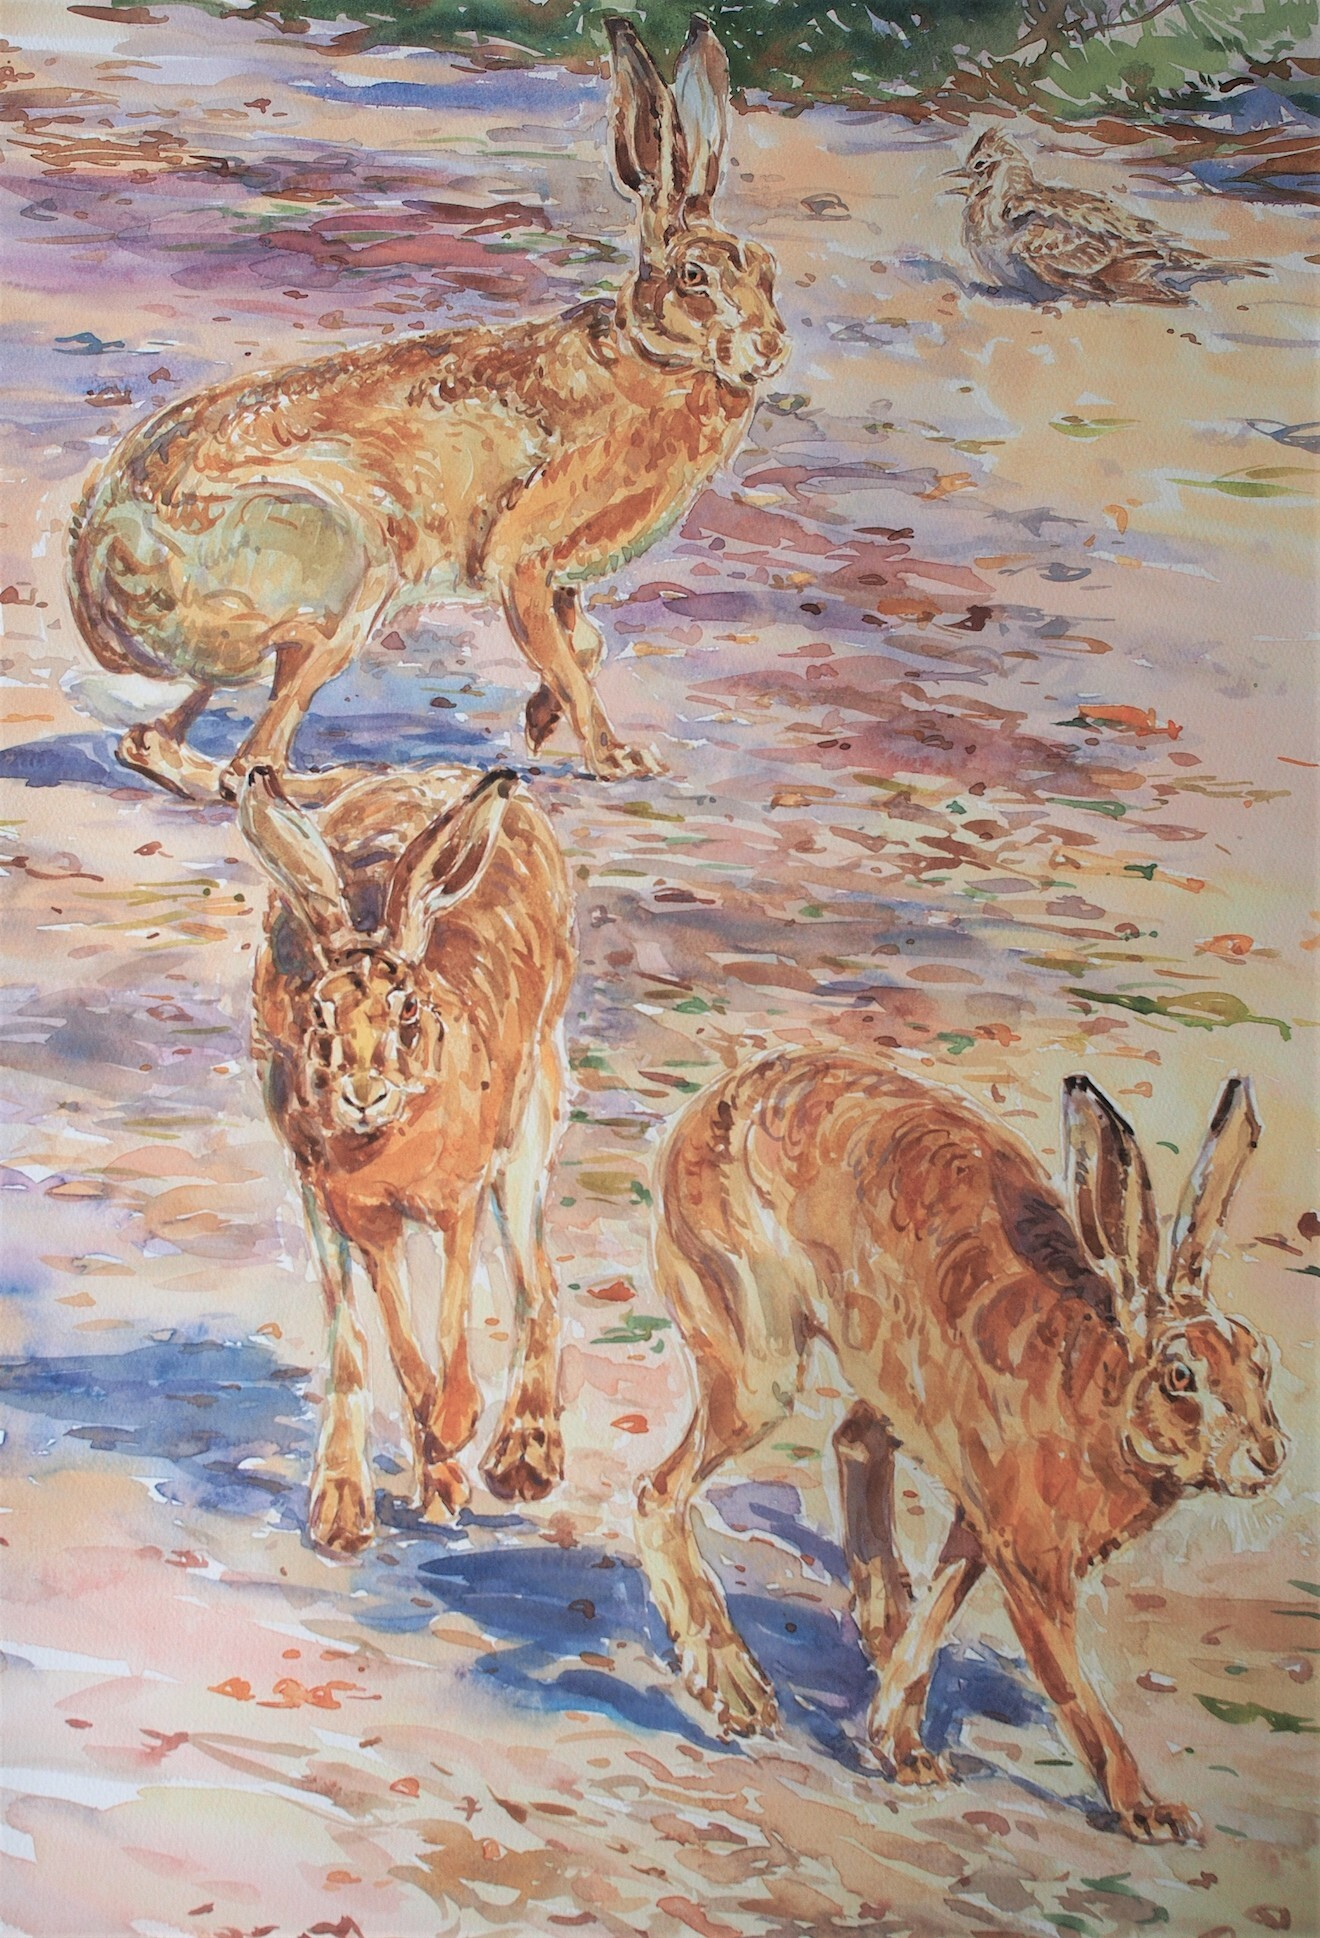 Hares and Skylark by David Bennett